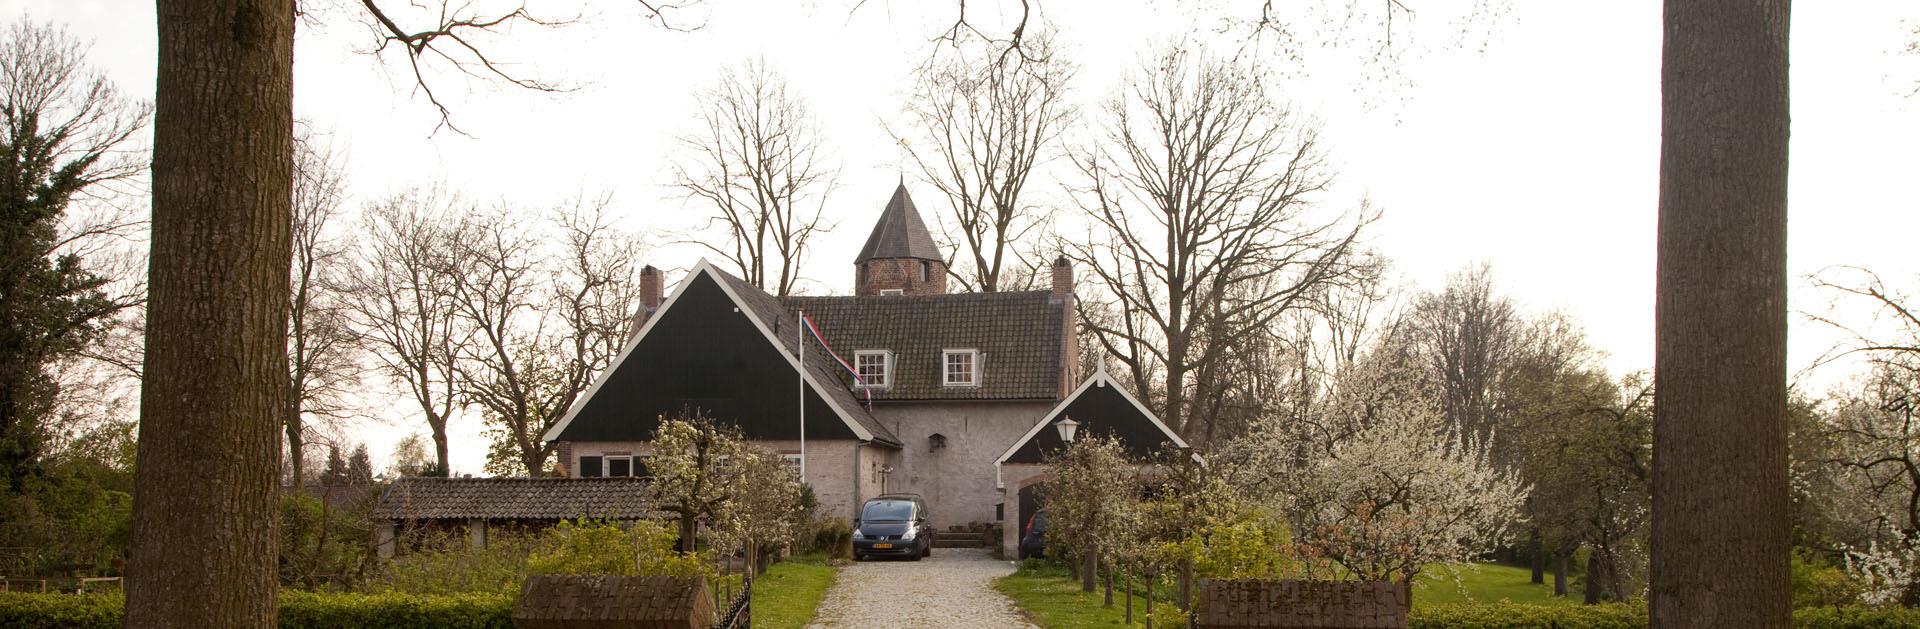 Huis Magerhorst - Duiven